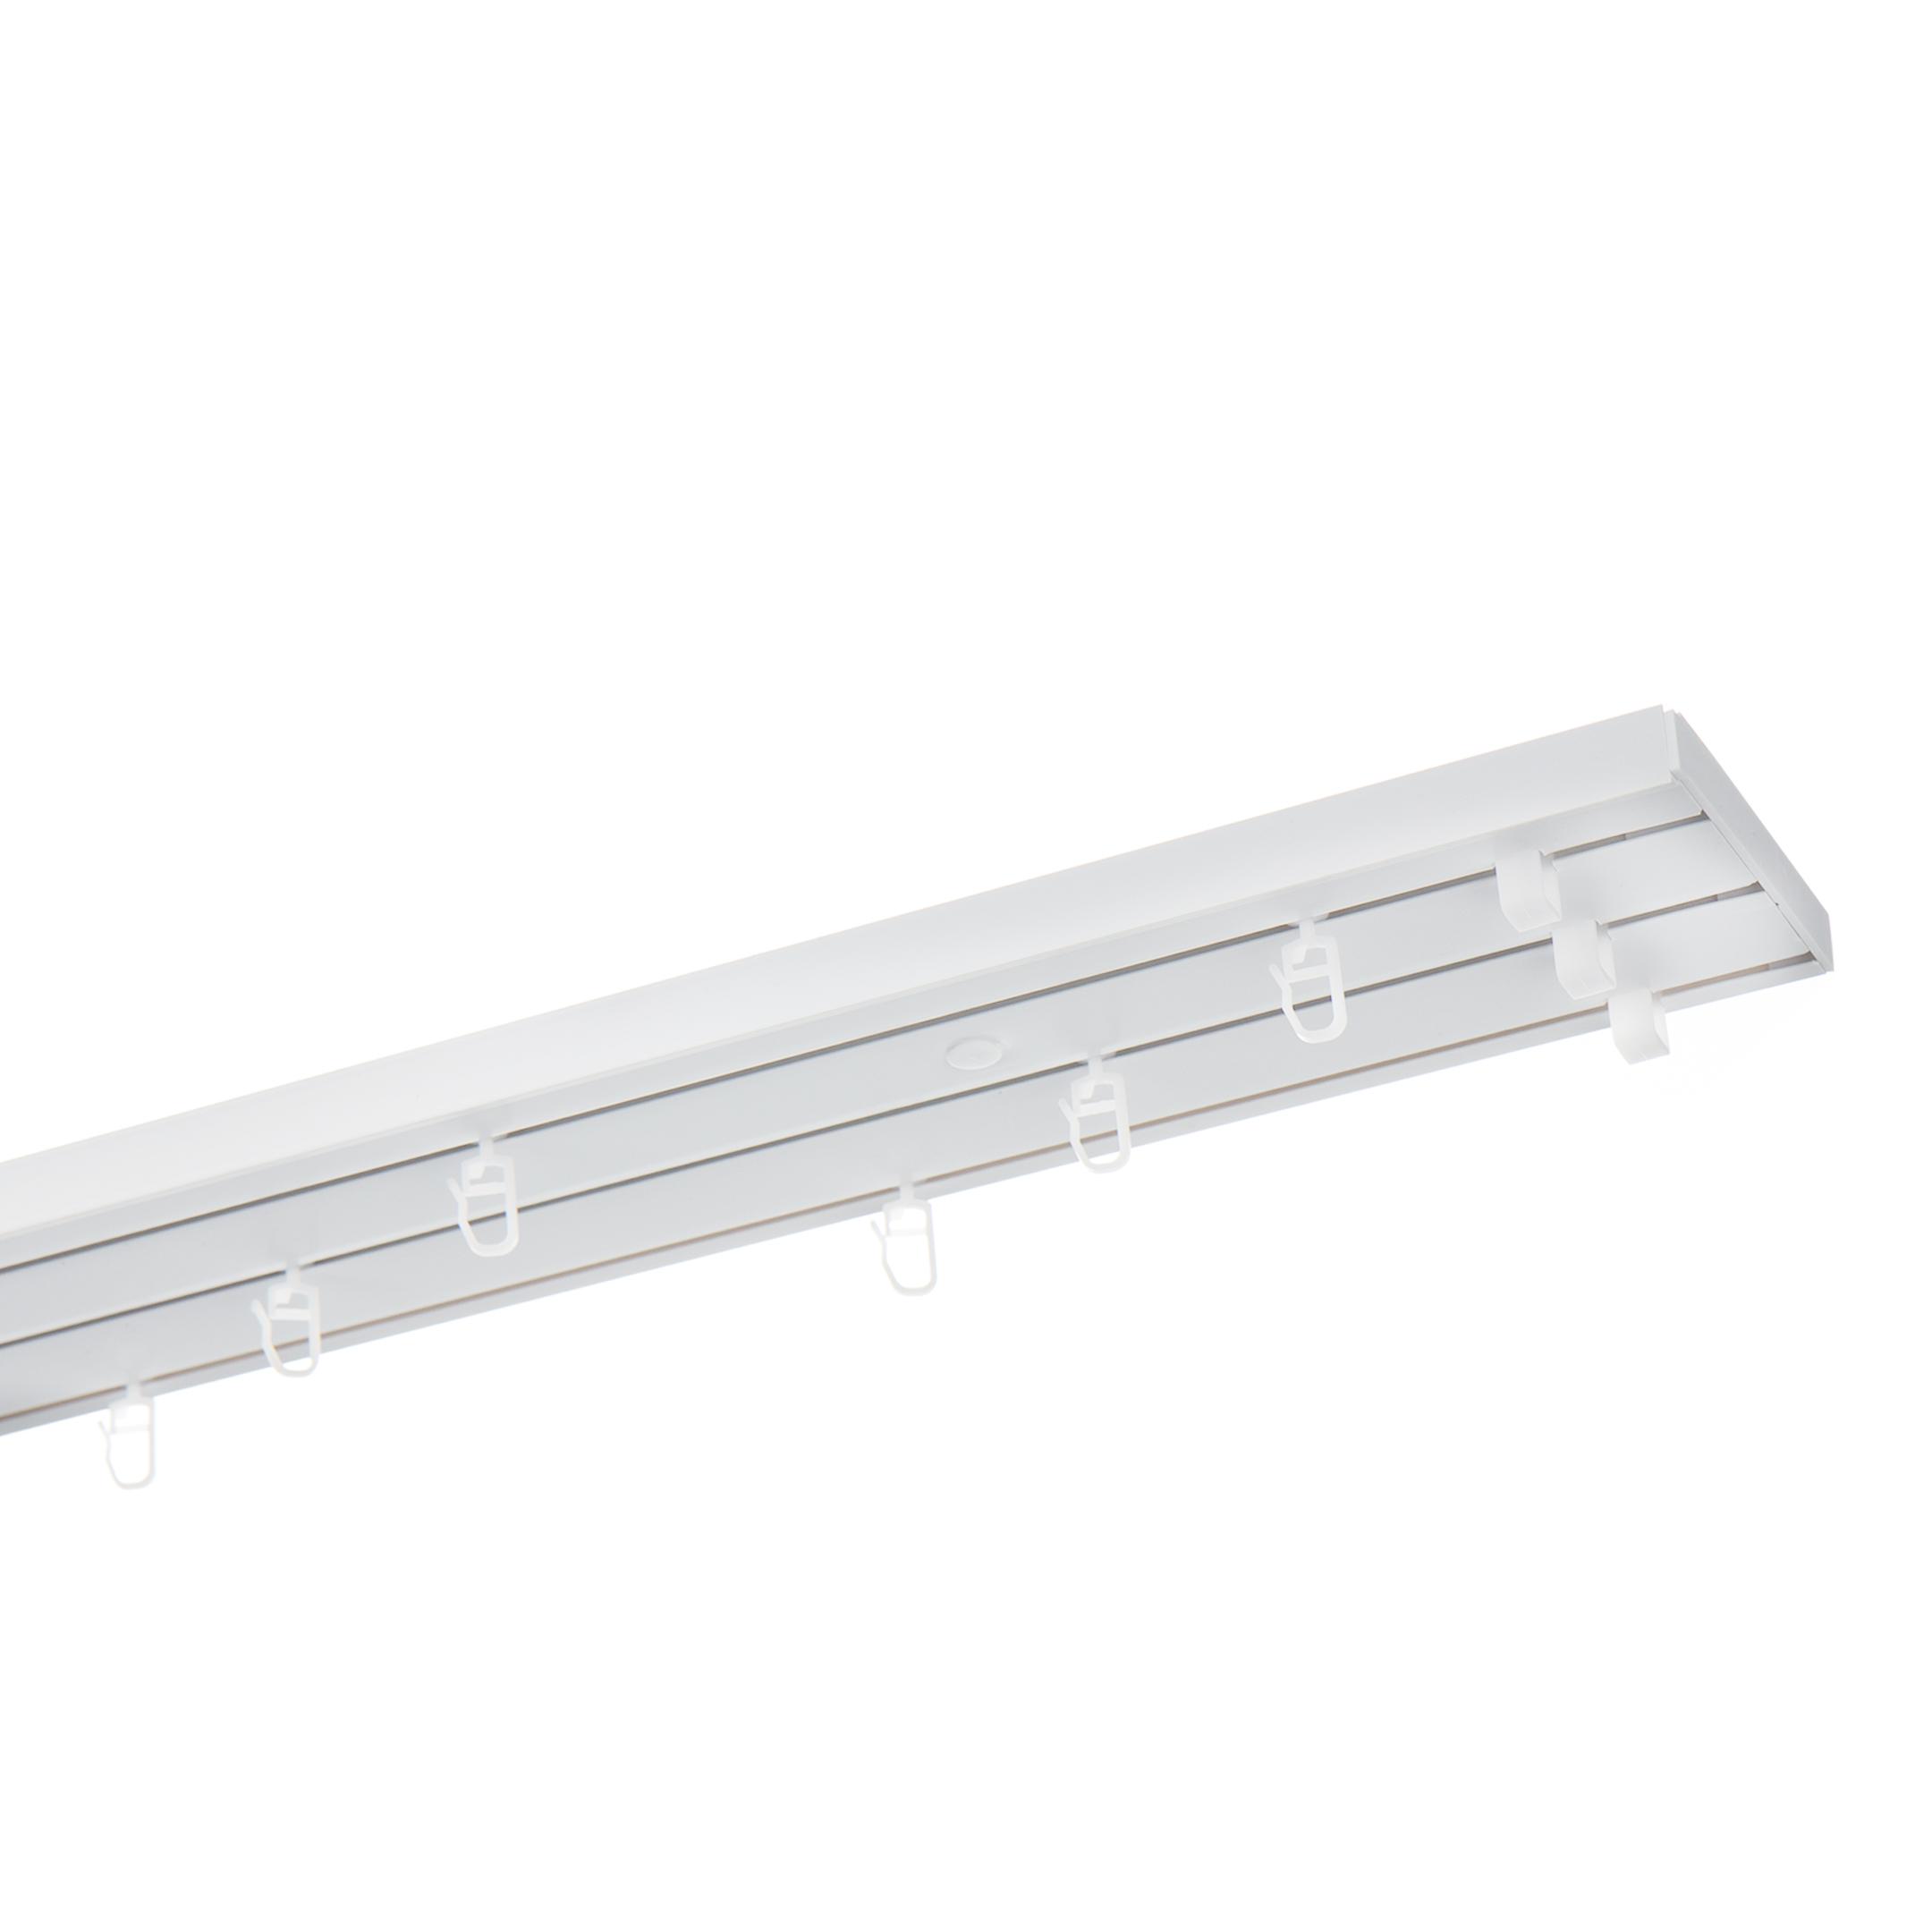 Фото - Карниз потолочный пластмассовый трехрядный 280 см белый карниз потолочный пластиковый dda поворот греция трехрядный краке 3 6